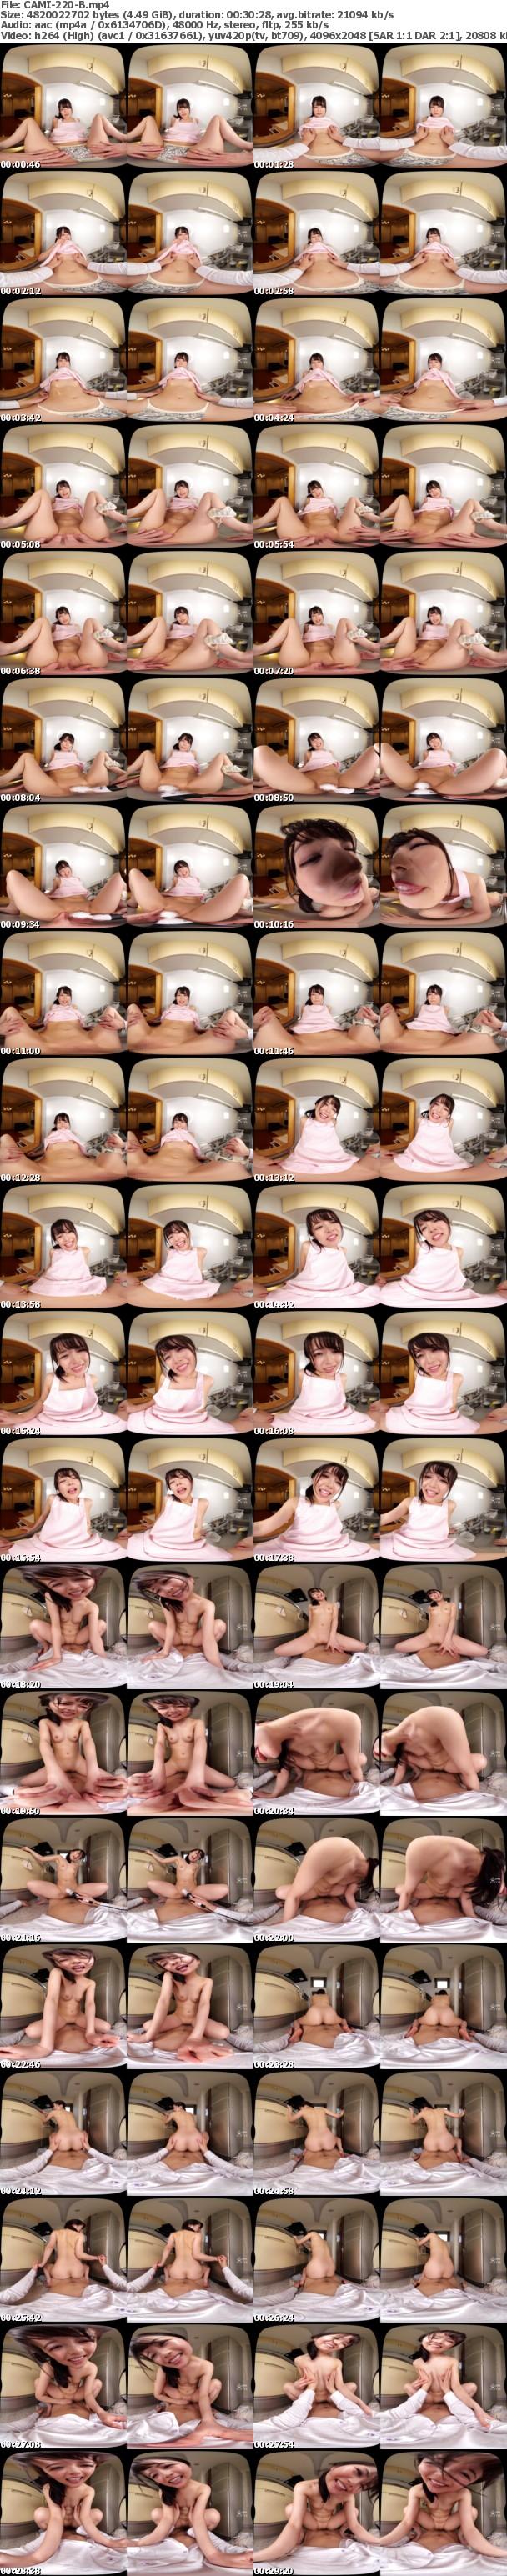 (VR) CAMI-220 キッチンで作業する彼女にセクハラ!怒られるもめげずにセクハラしていると欲情した彼女が迫ってきて…キッチンでイチャラブエッチ! 宮沢ちはる